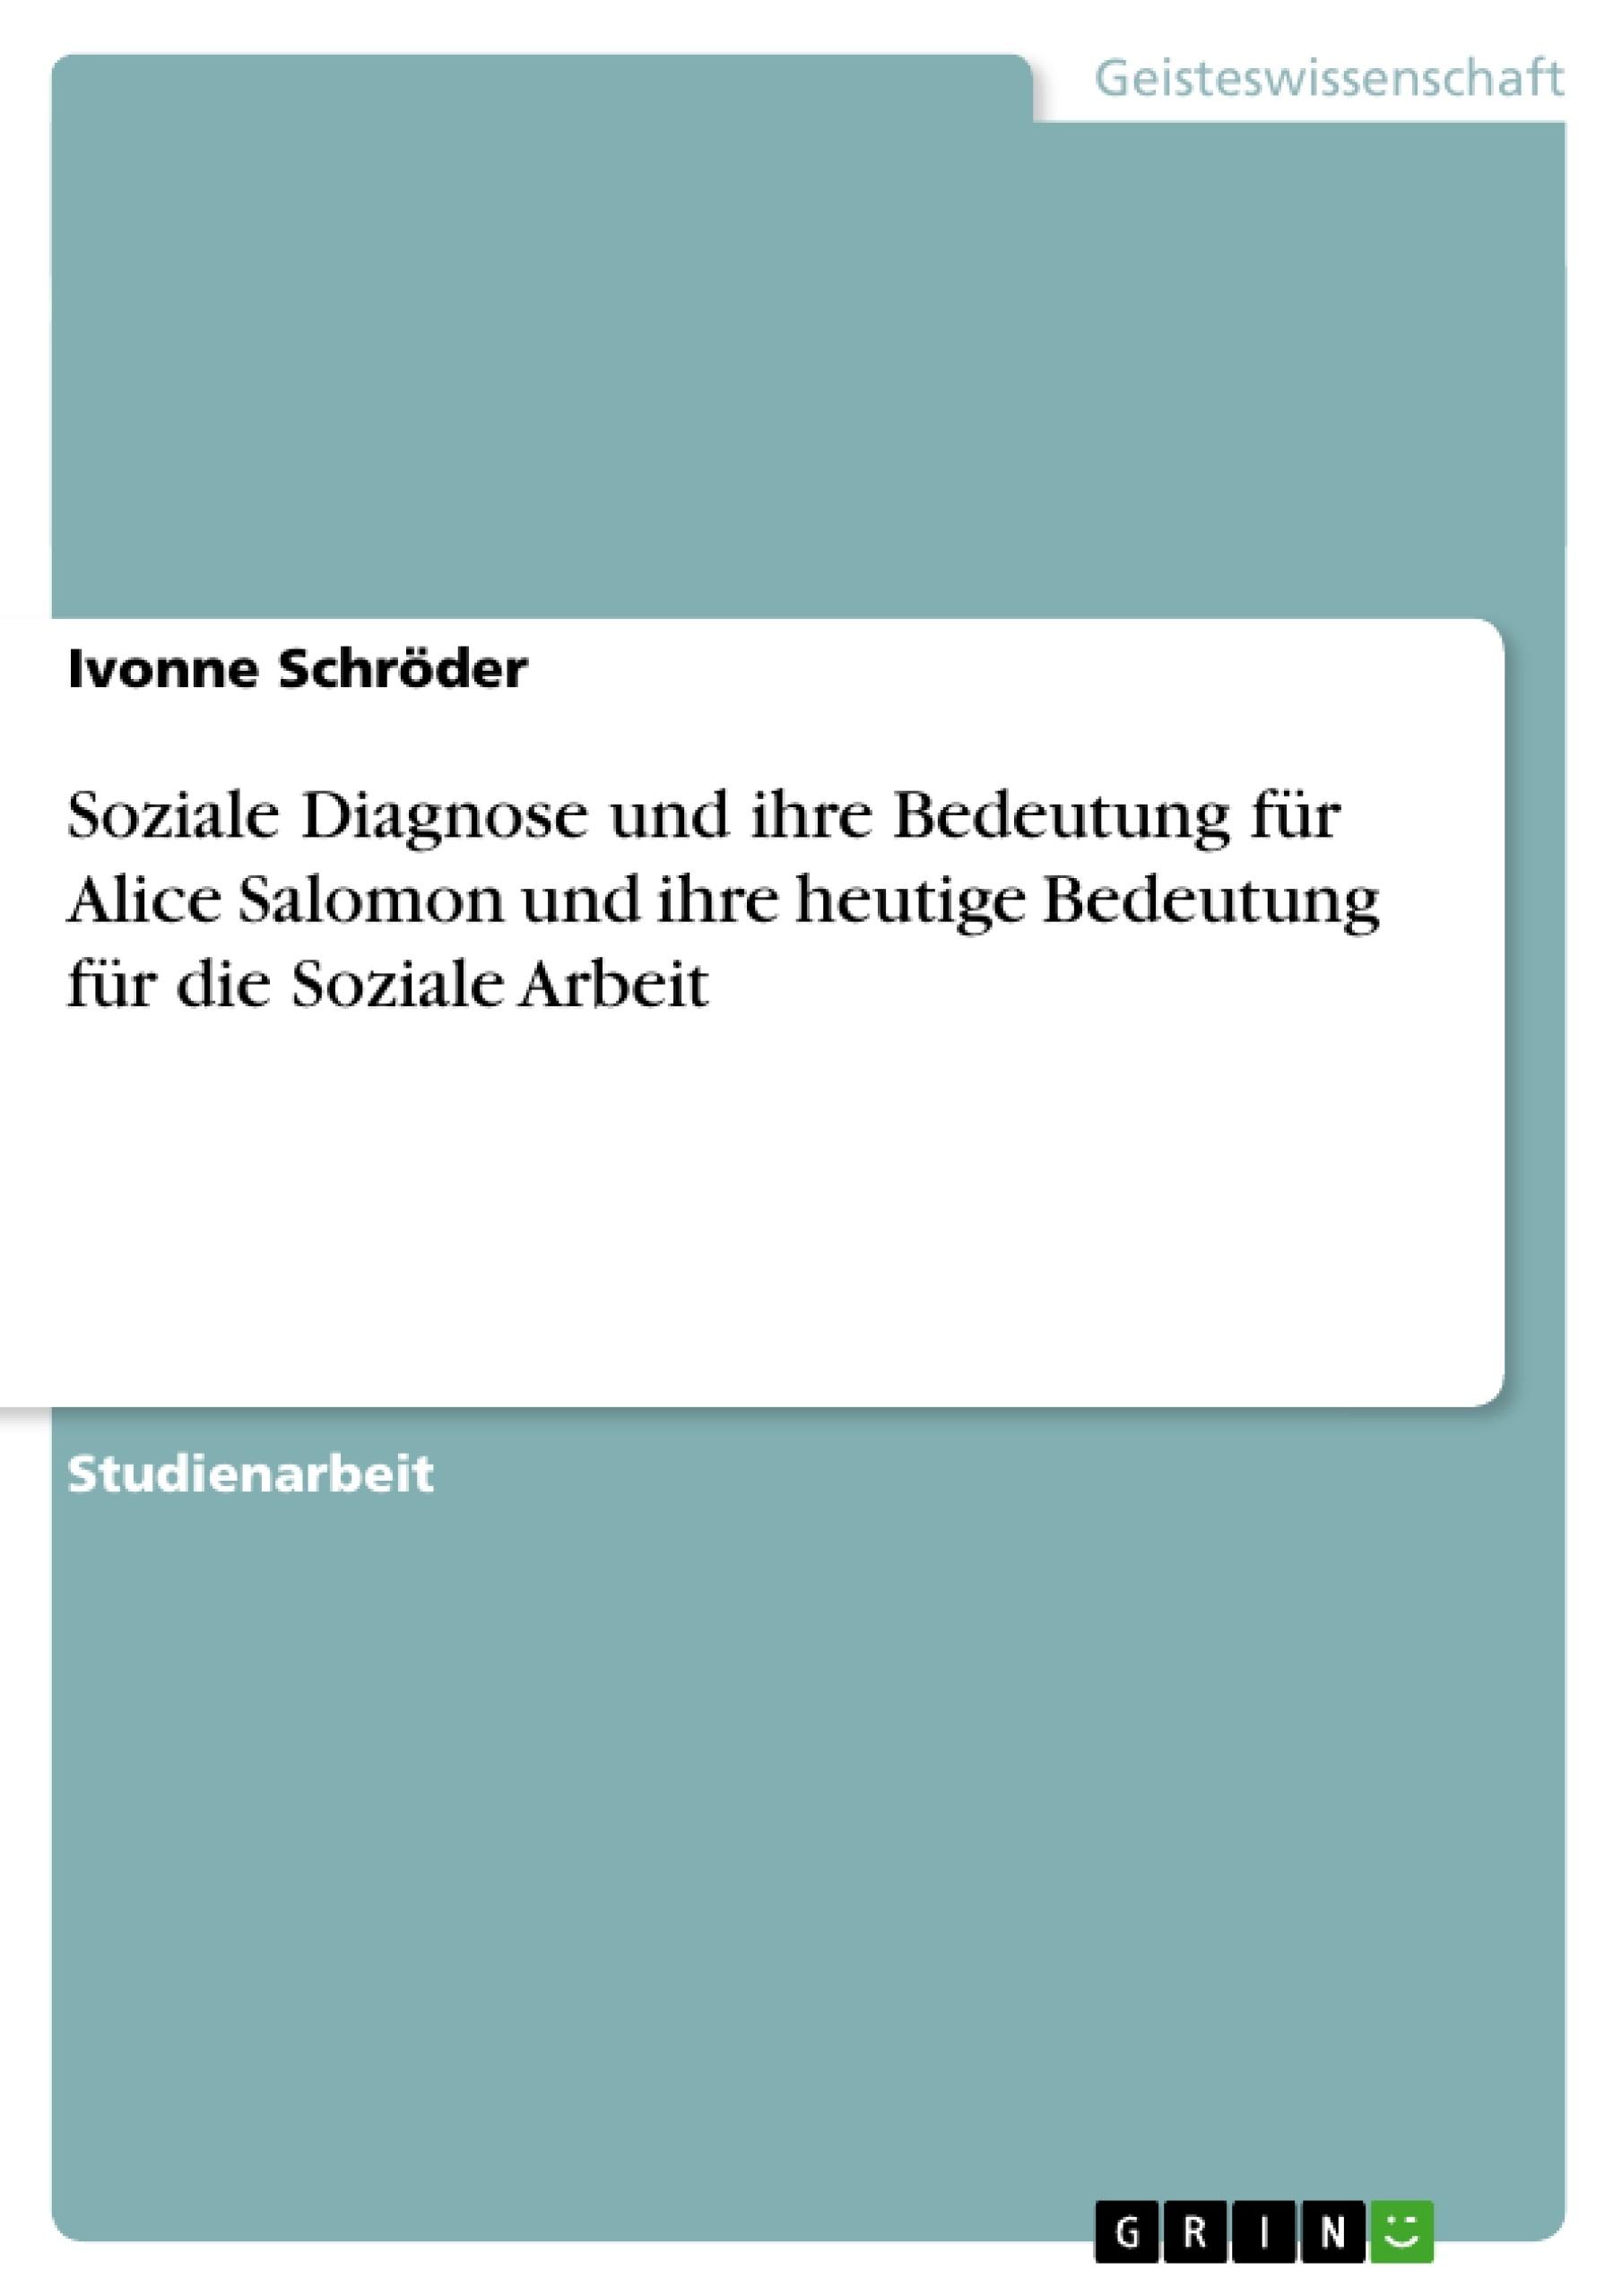 soziale diagnose und ihre bedeutung f r alice salomon und ihre hausarbeiten publizieren. Black Bedroom Furniture Sets. Home Design Ideas